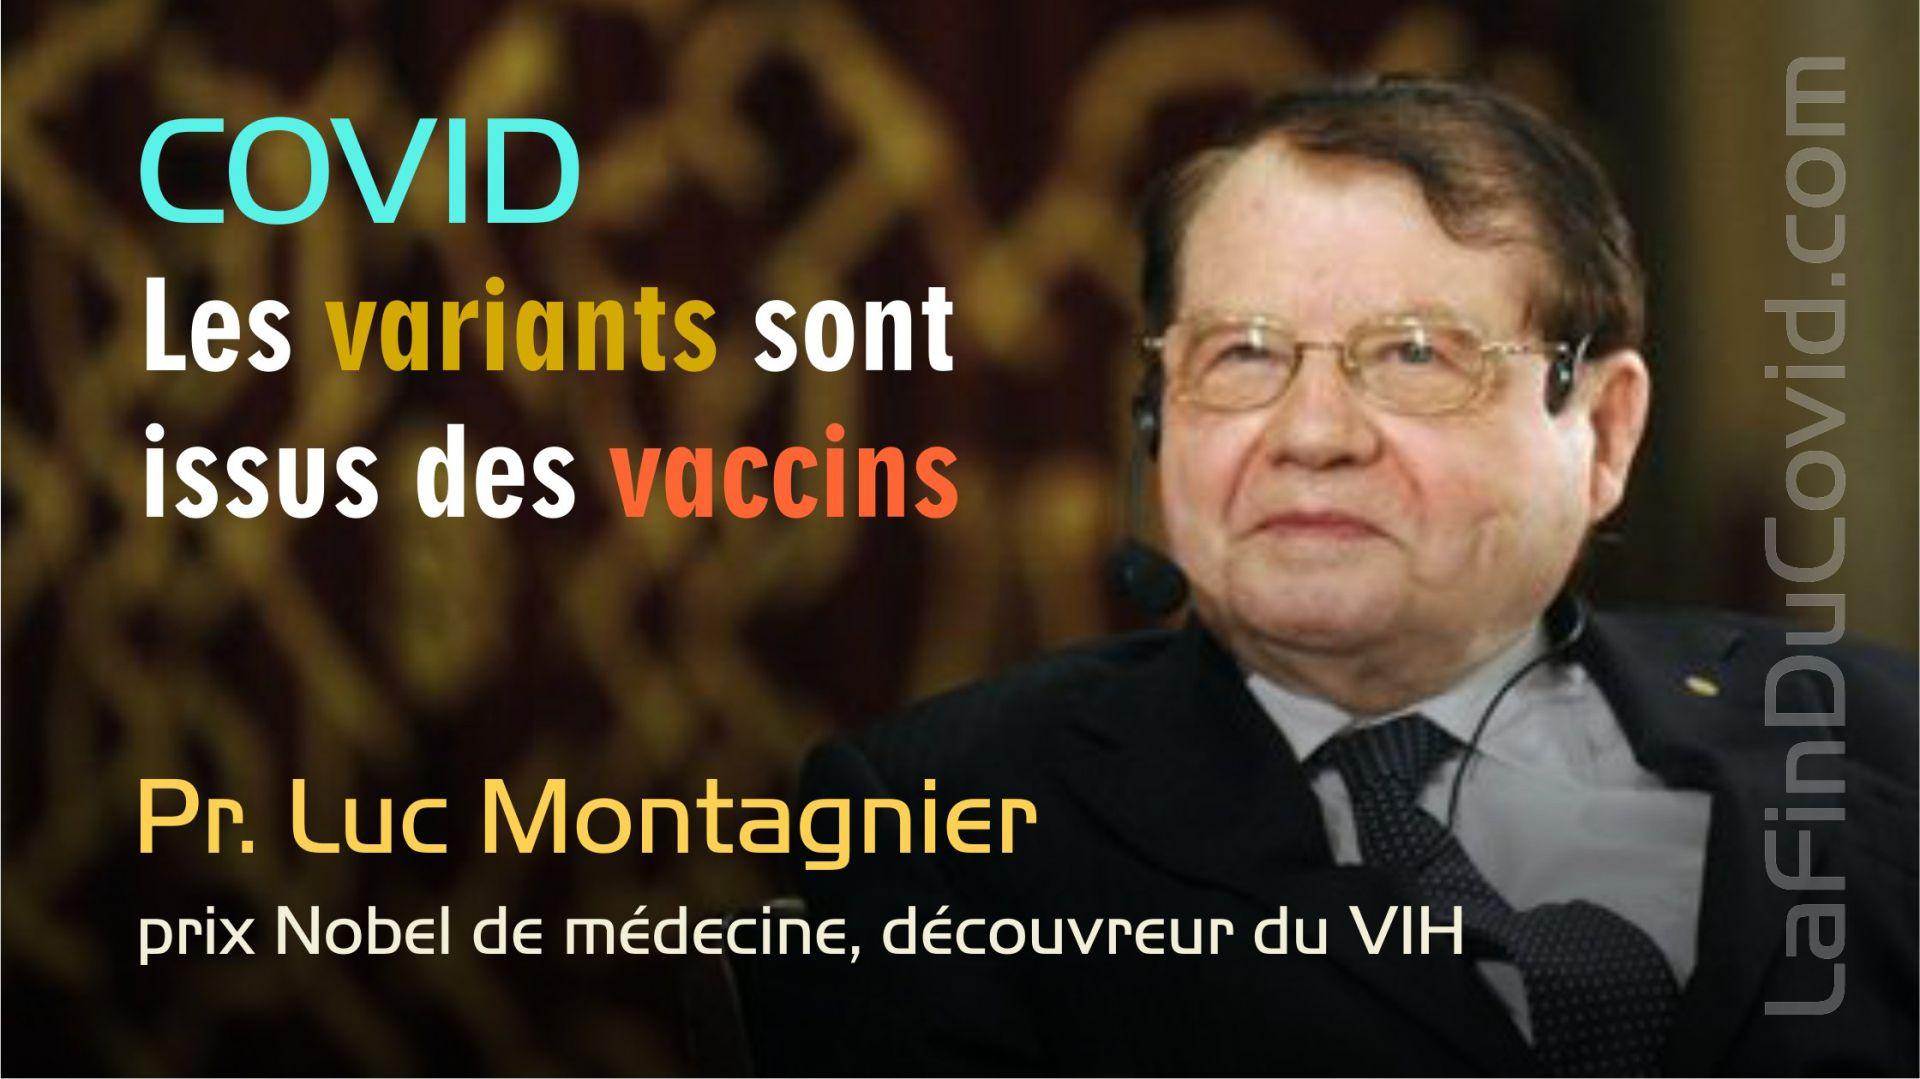 Pr. Montagnier : Les variants sont un sous-produit des vaccins qui rendent les gens plus contagieux